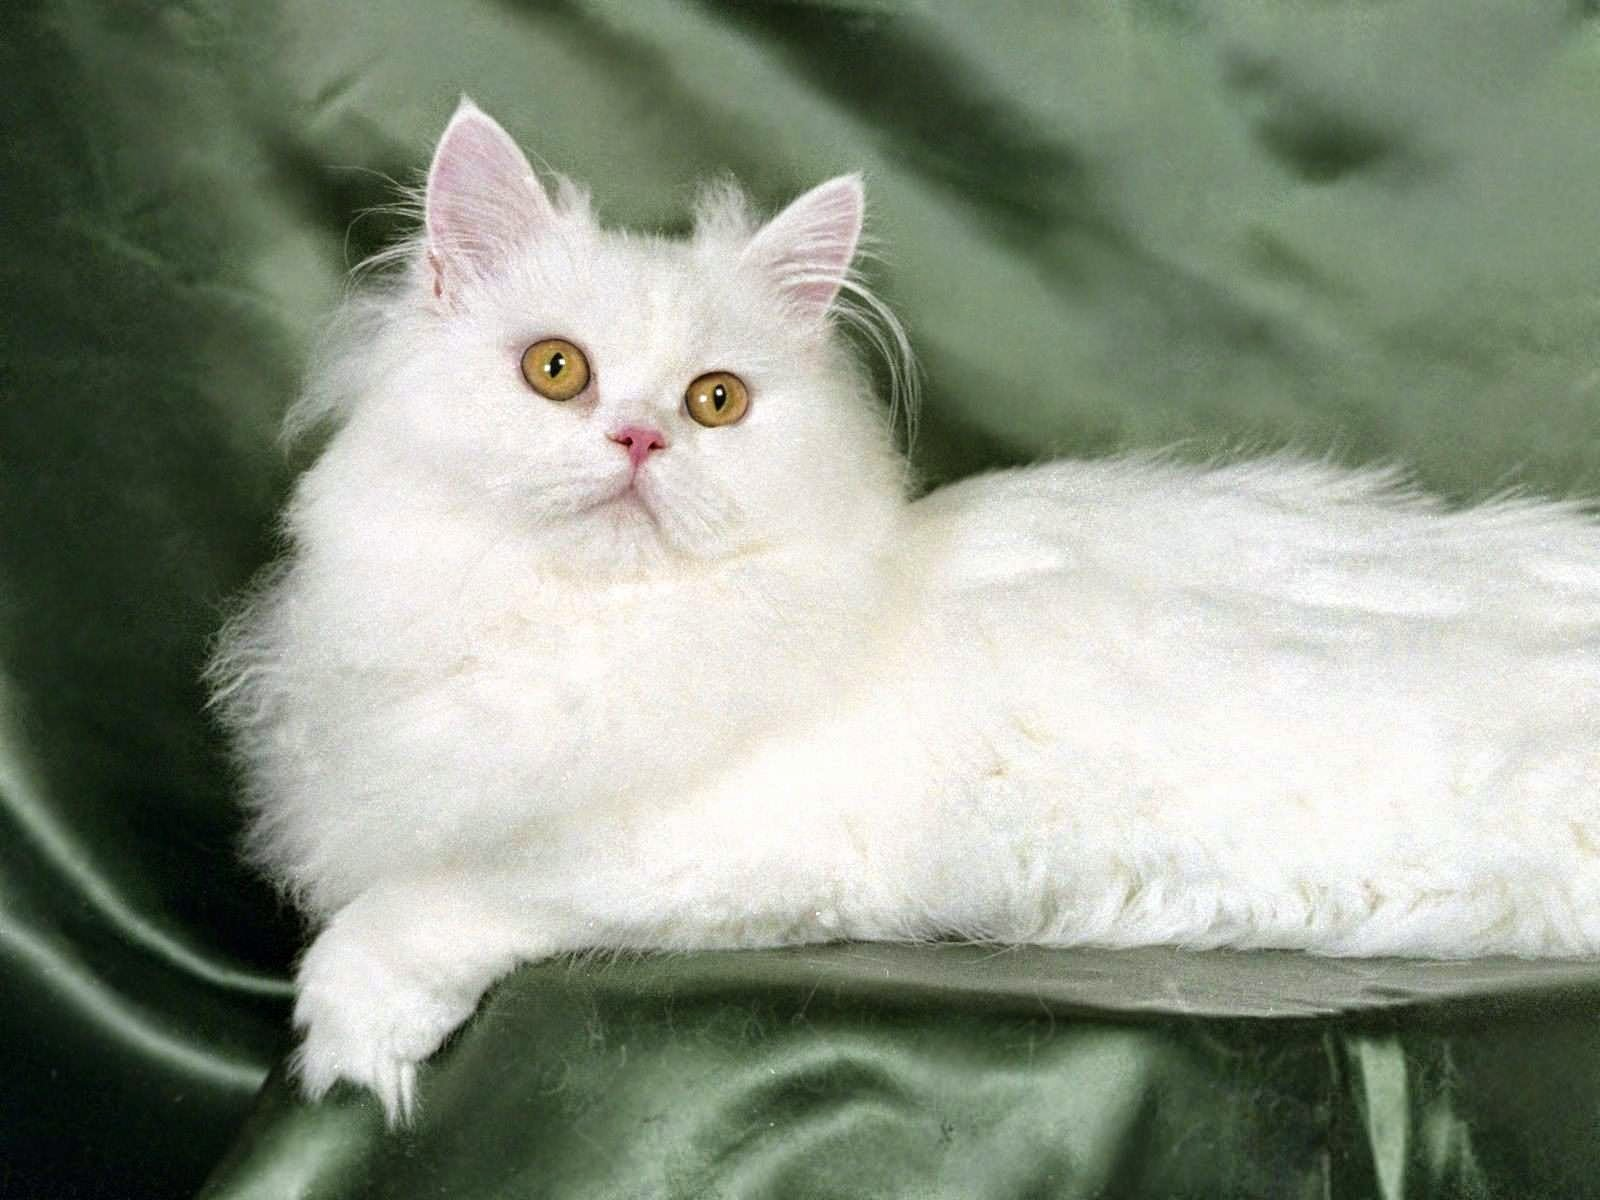 Rasy Kotów Kot Perski Biały Wszystko O Kotach